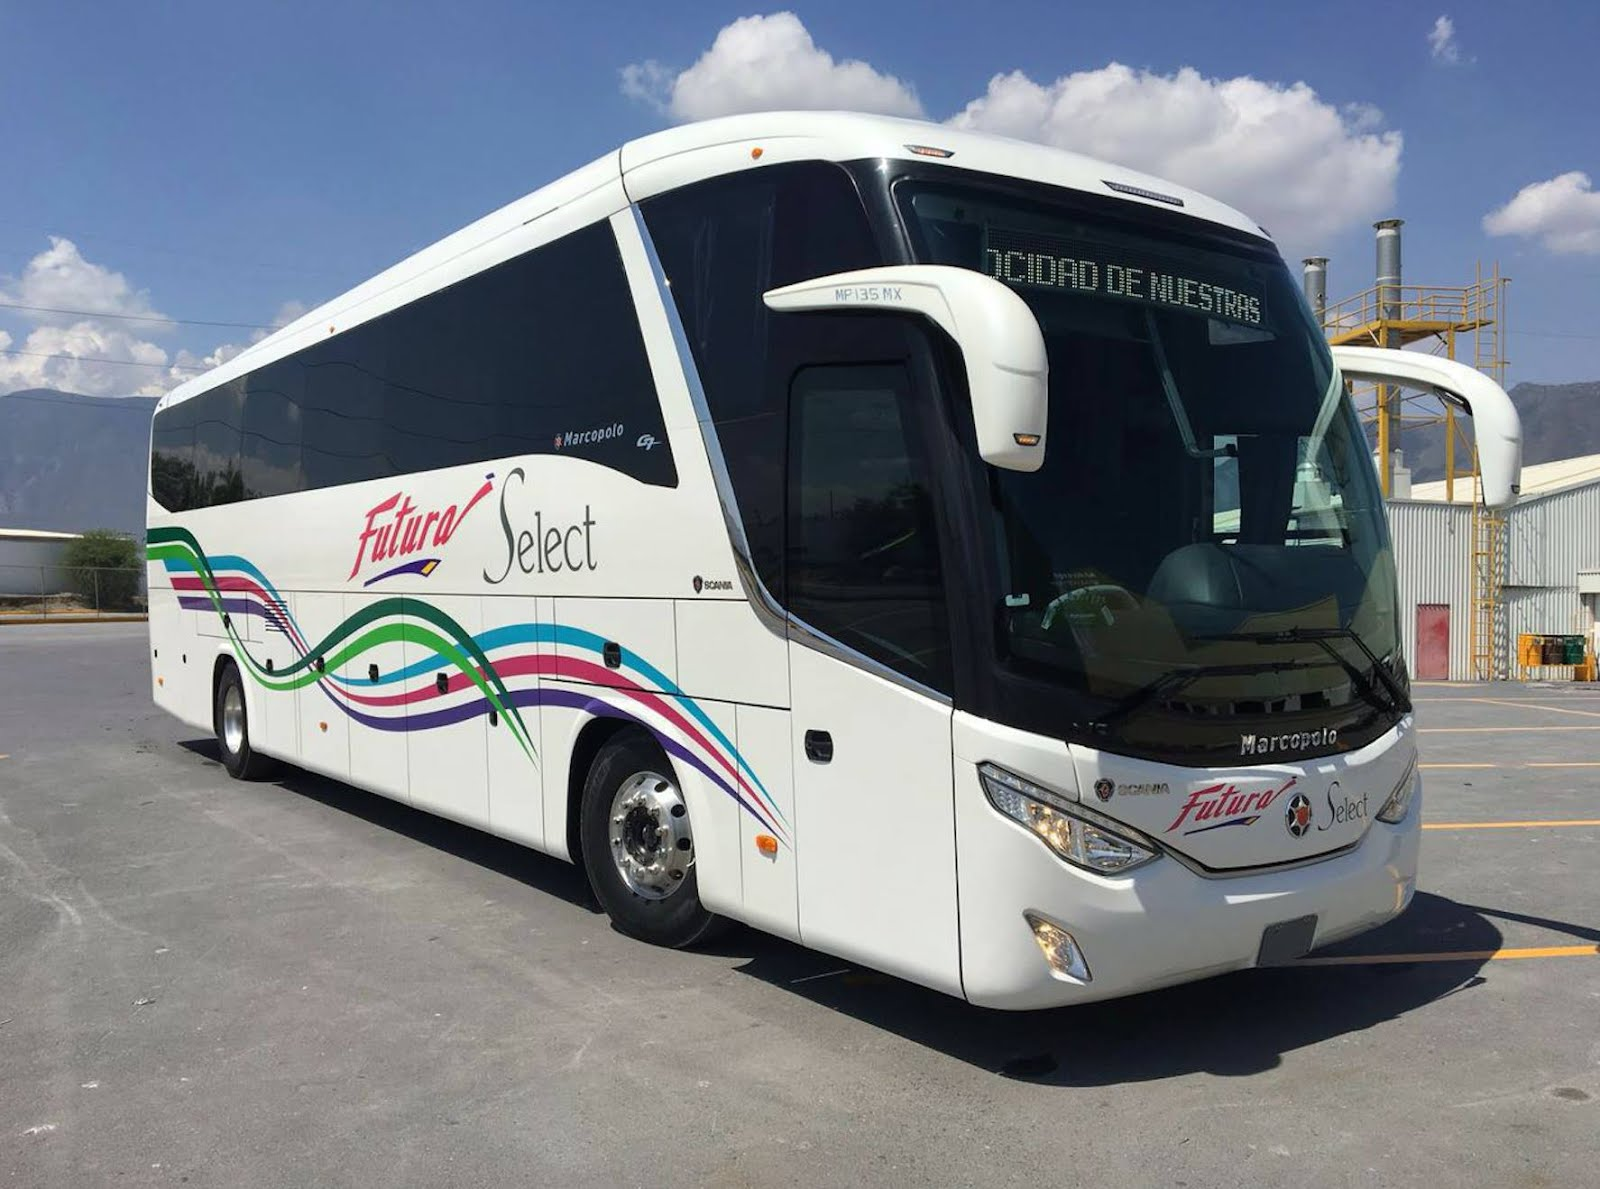 Gu a del viajero en m xico 200 nuevos autobuses para estrella blanca - Autobuses de dos pisos ...